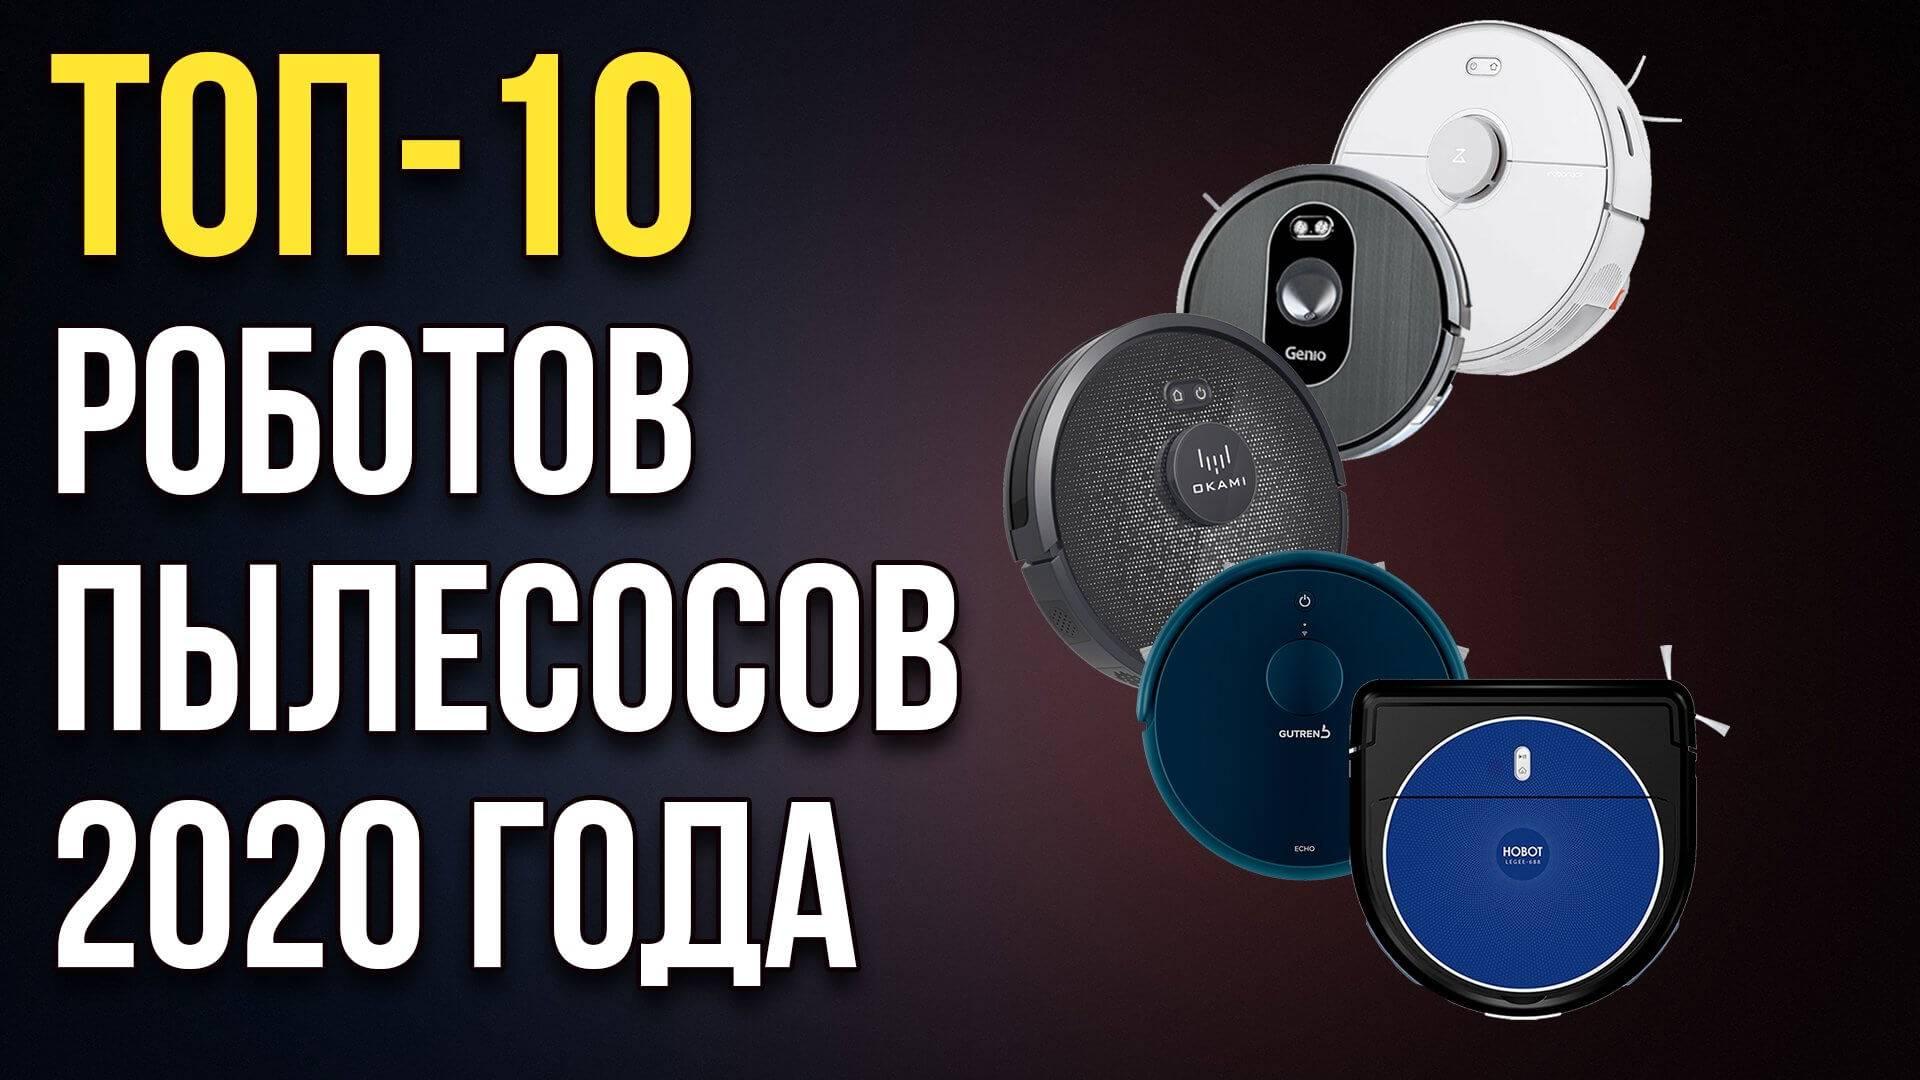 Роботы-пылесосы до 20000 рублей: рейтинг 2020 года